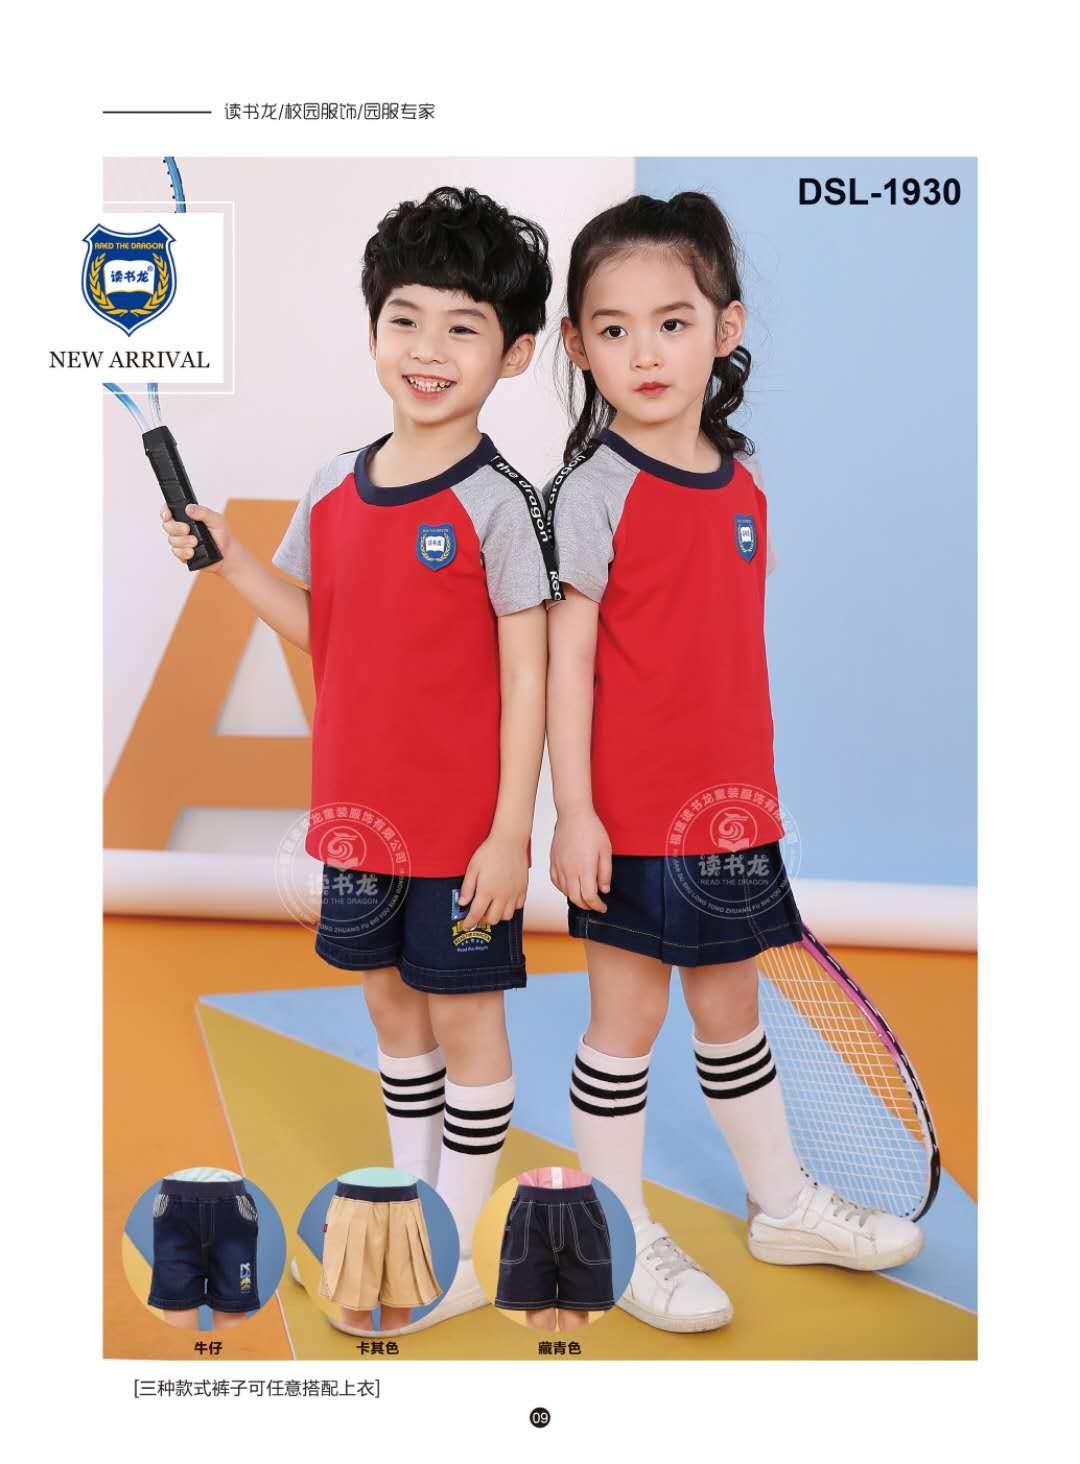 校服定做厂家读书龙幼儿园园定制批发夏季运动服